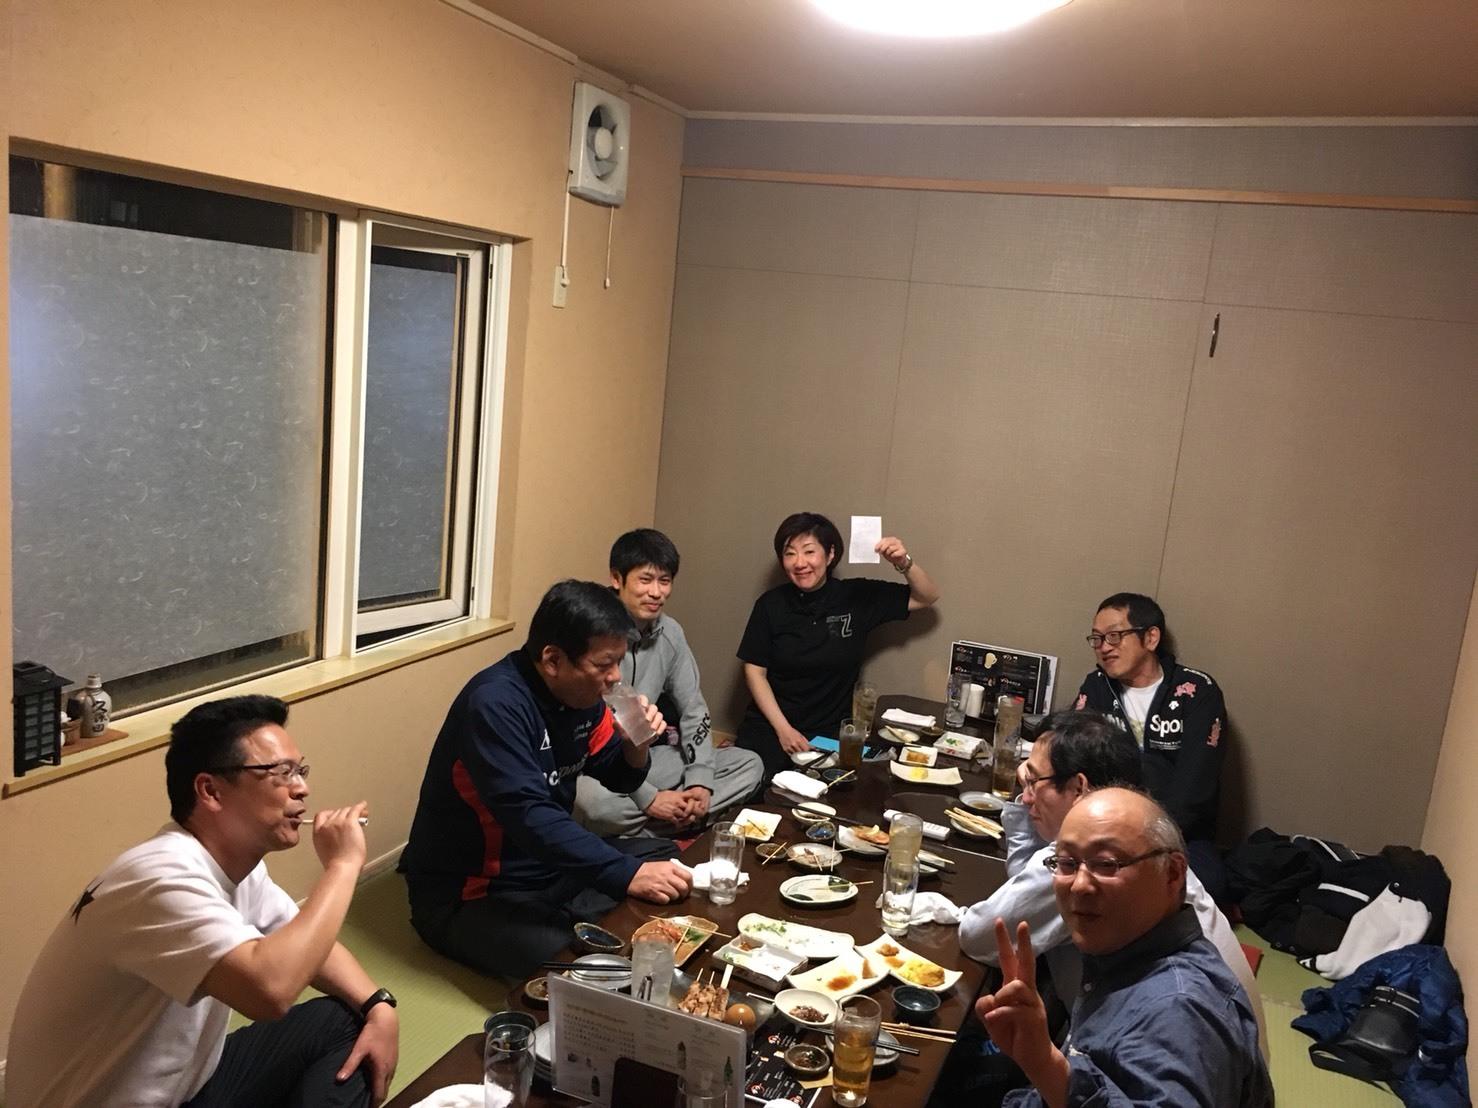 第2795話・・・」バレー塾in岩見沢_c0000970_21490688.jpg